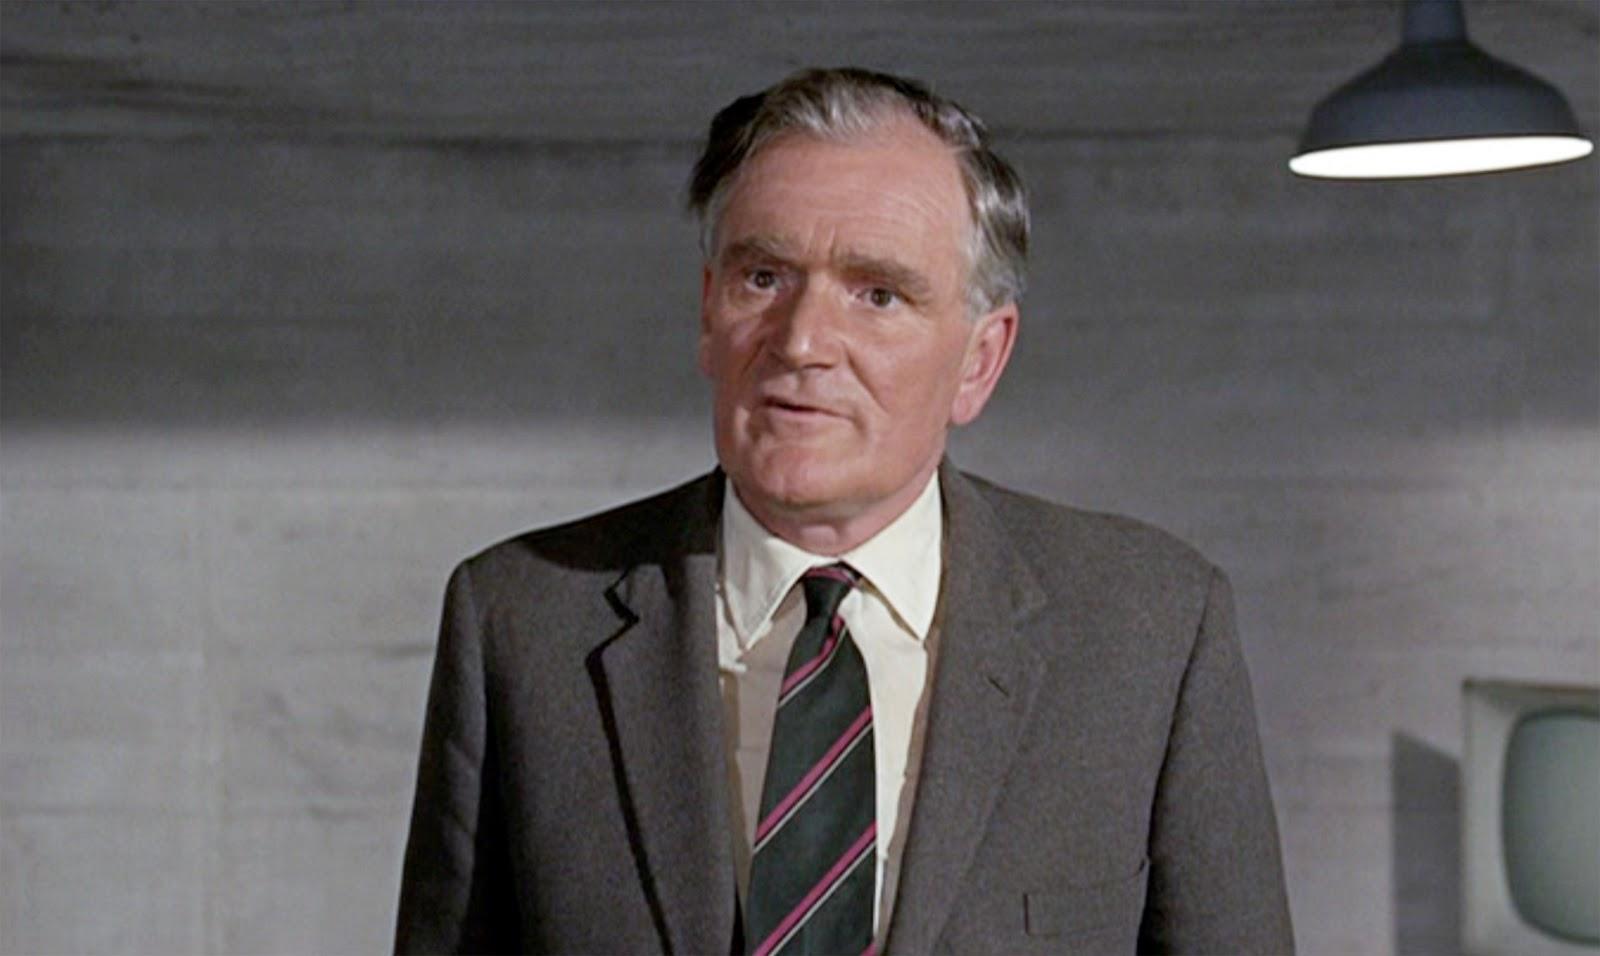 desmond llewelyn actor